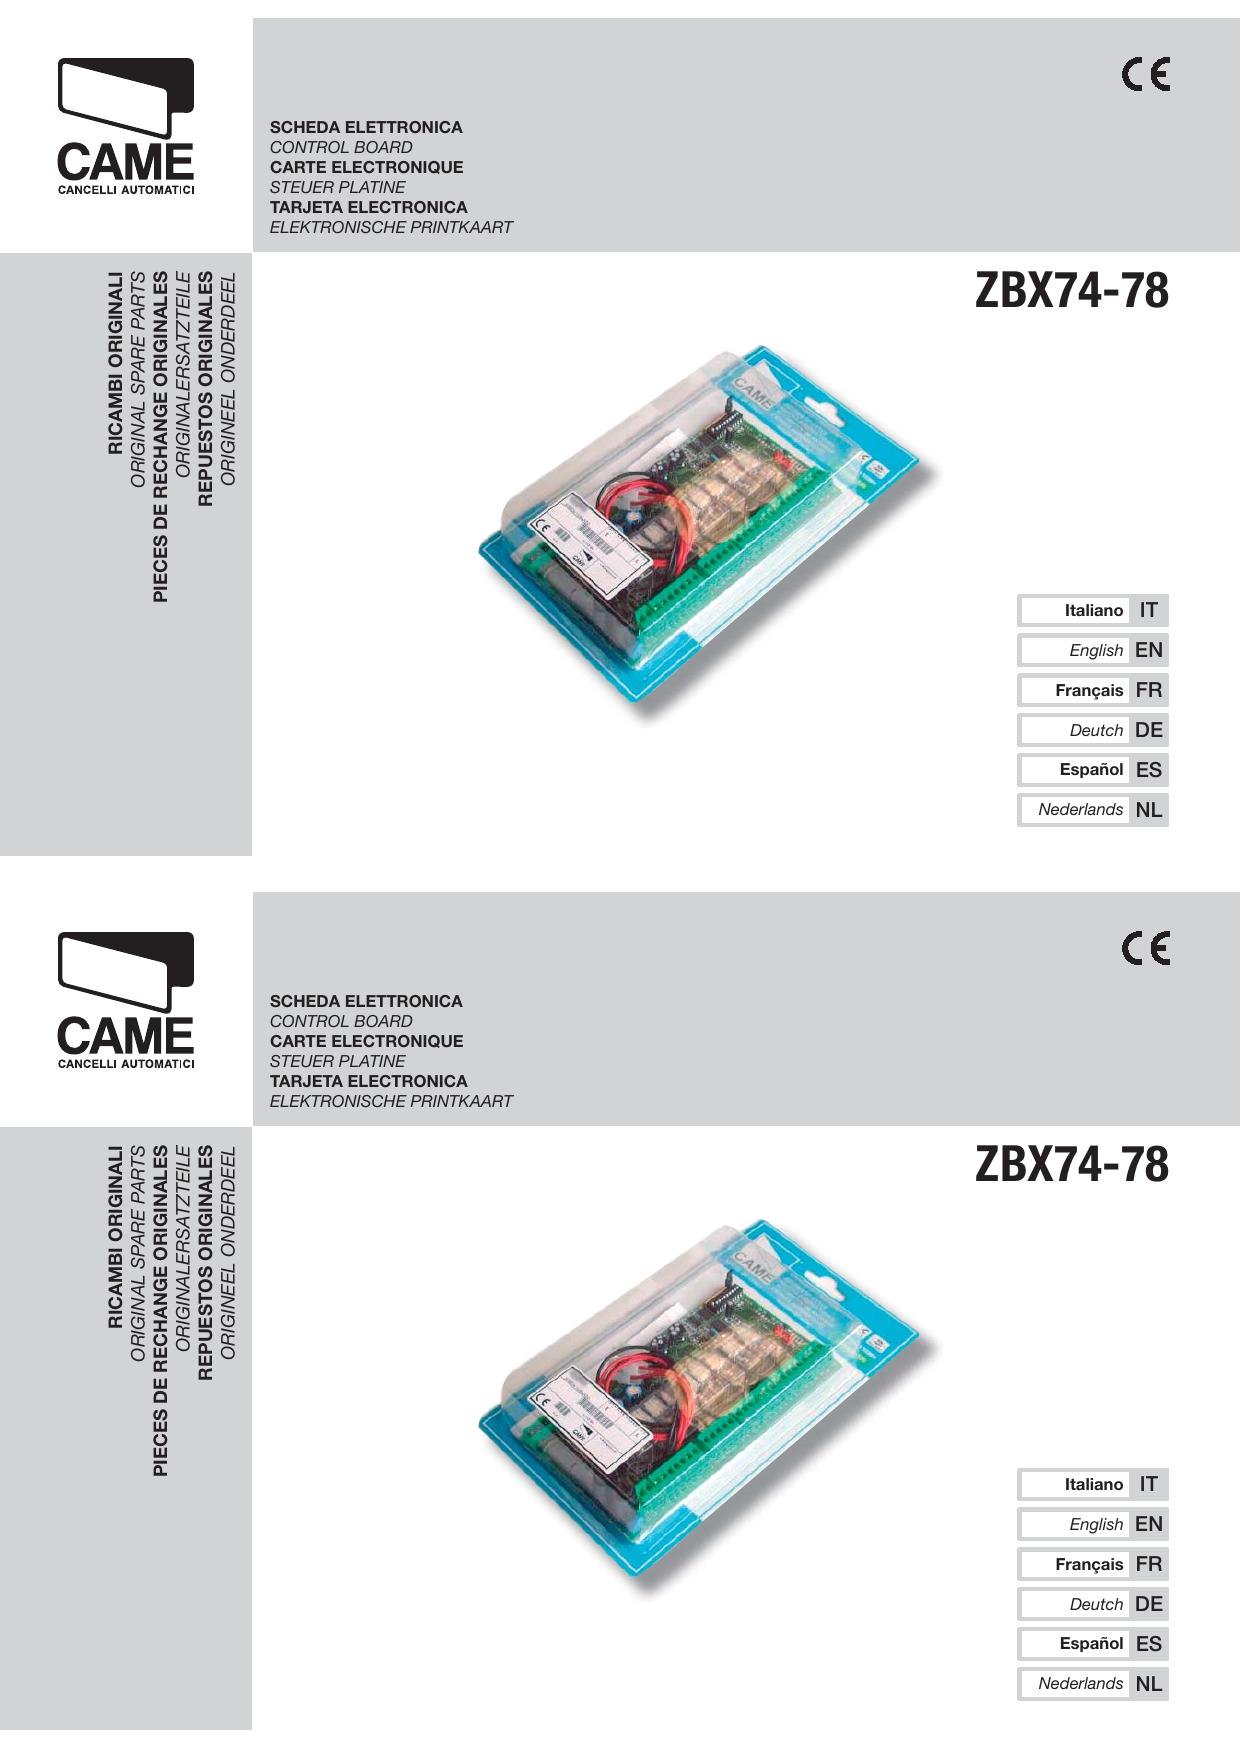 Came Zbx74 78 Instrukciya